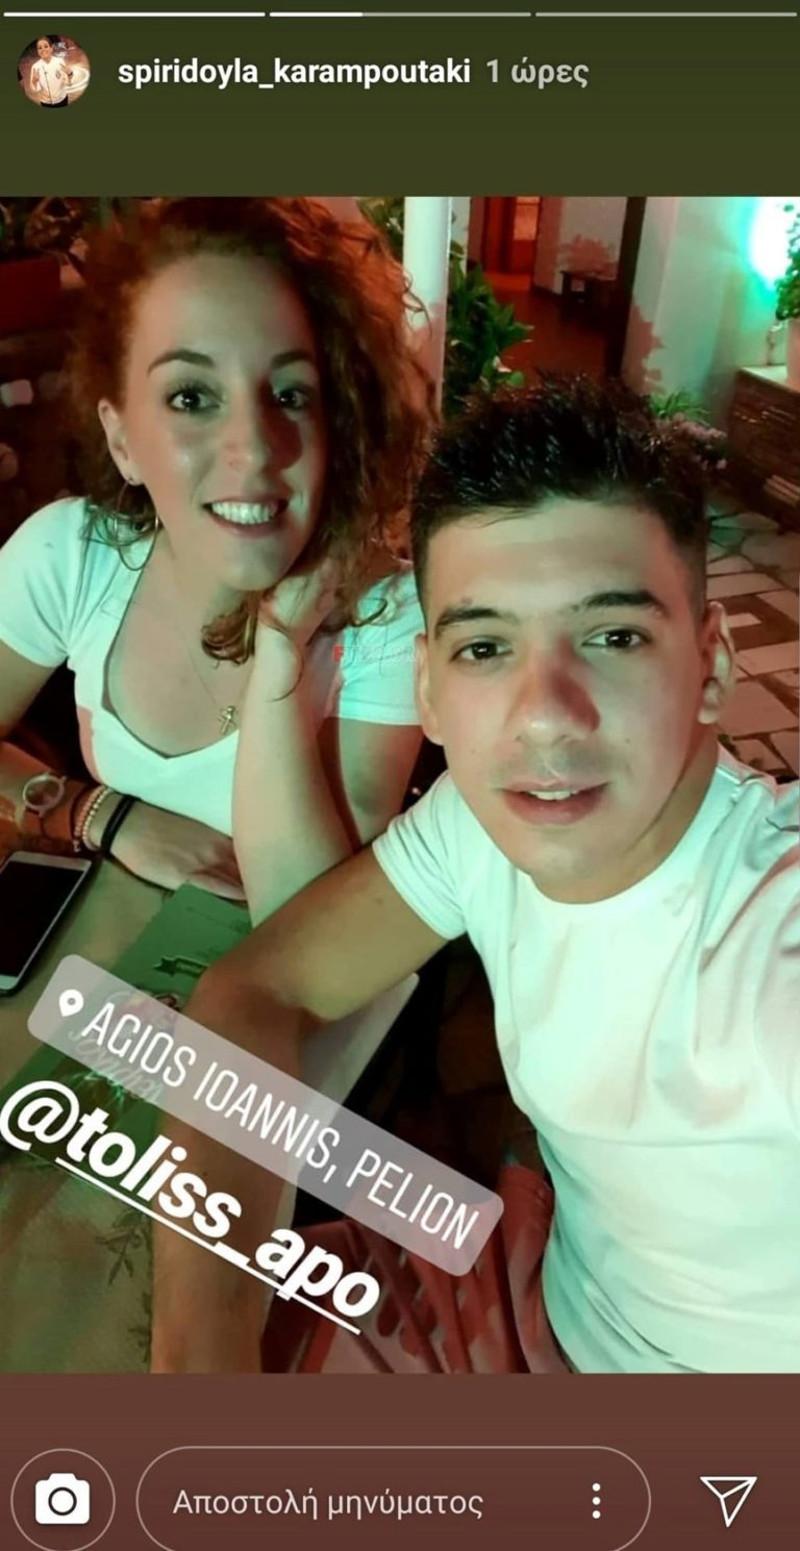 Η Σπυριδούλα Καραμπουτάκη μαζί με τον σύντροφό της, Αποστόλη / Φωτογραφία: Instagram